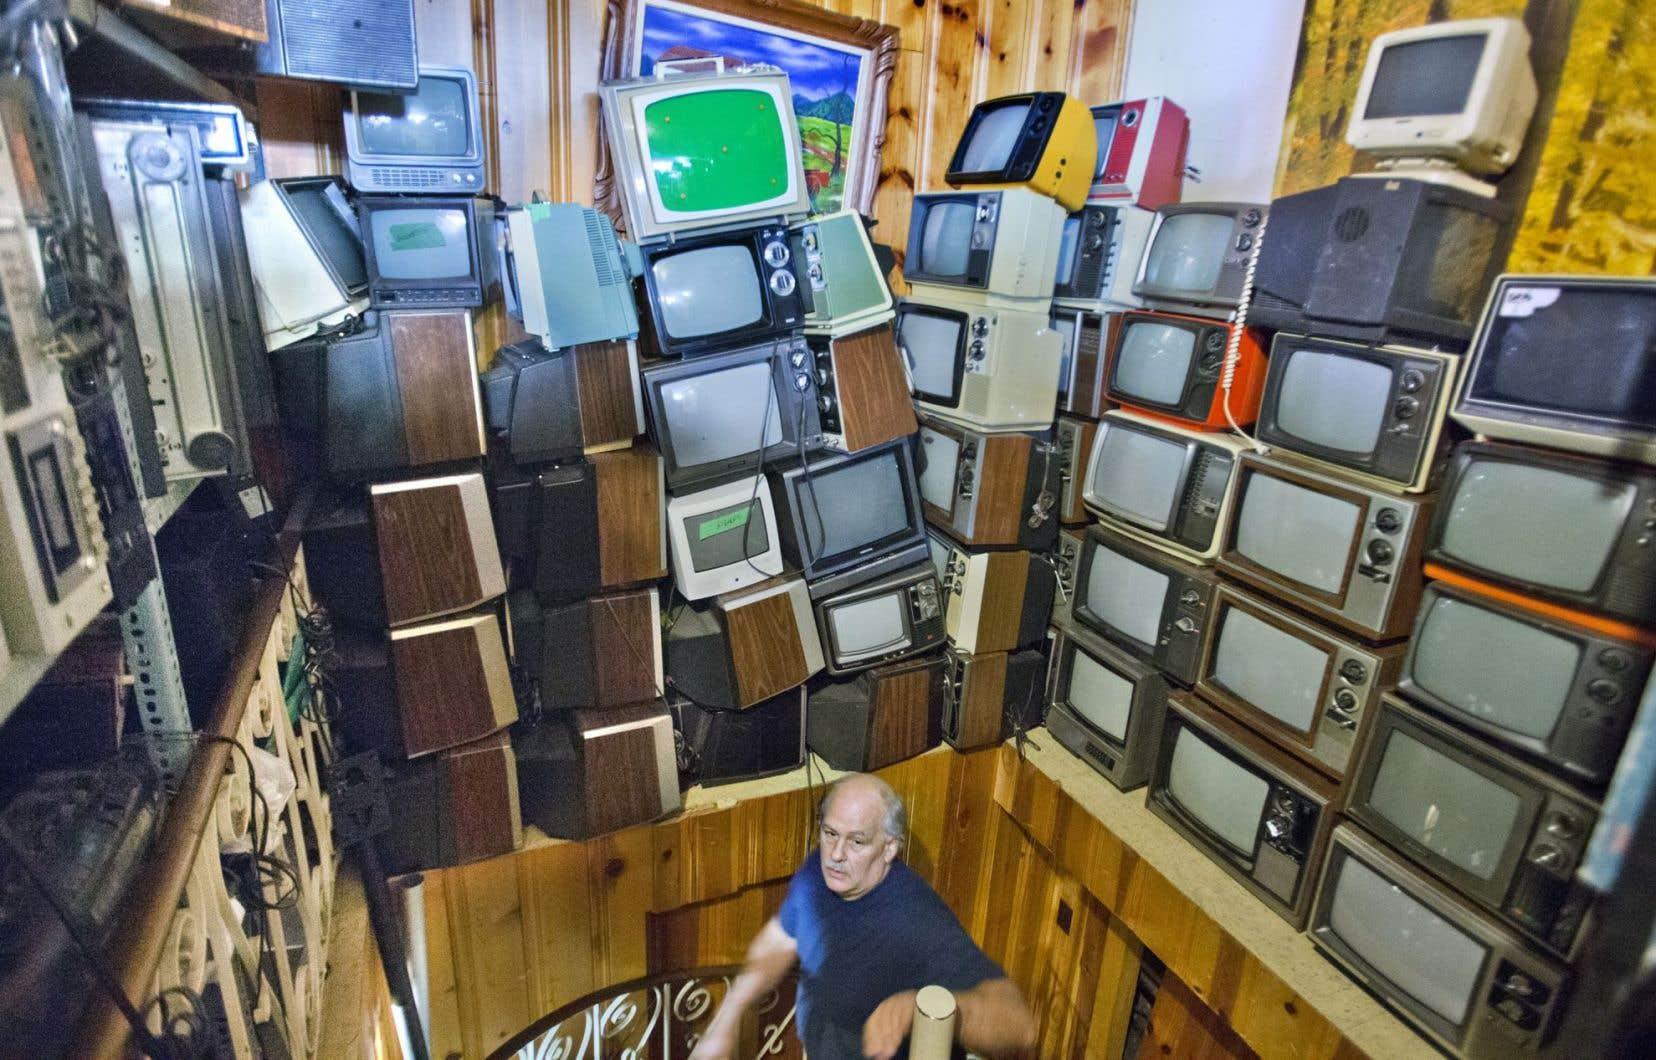 Alain Giguère, de Réal Giguère TV à Montréal, connaît par cœur tous les appareils qui peuplent le commerce fondé par son père il y a plus de 60 ans.